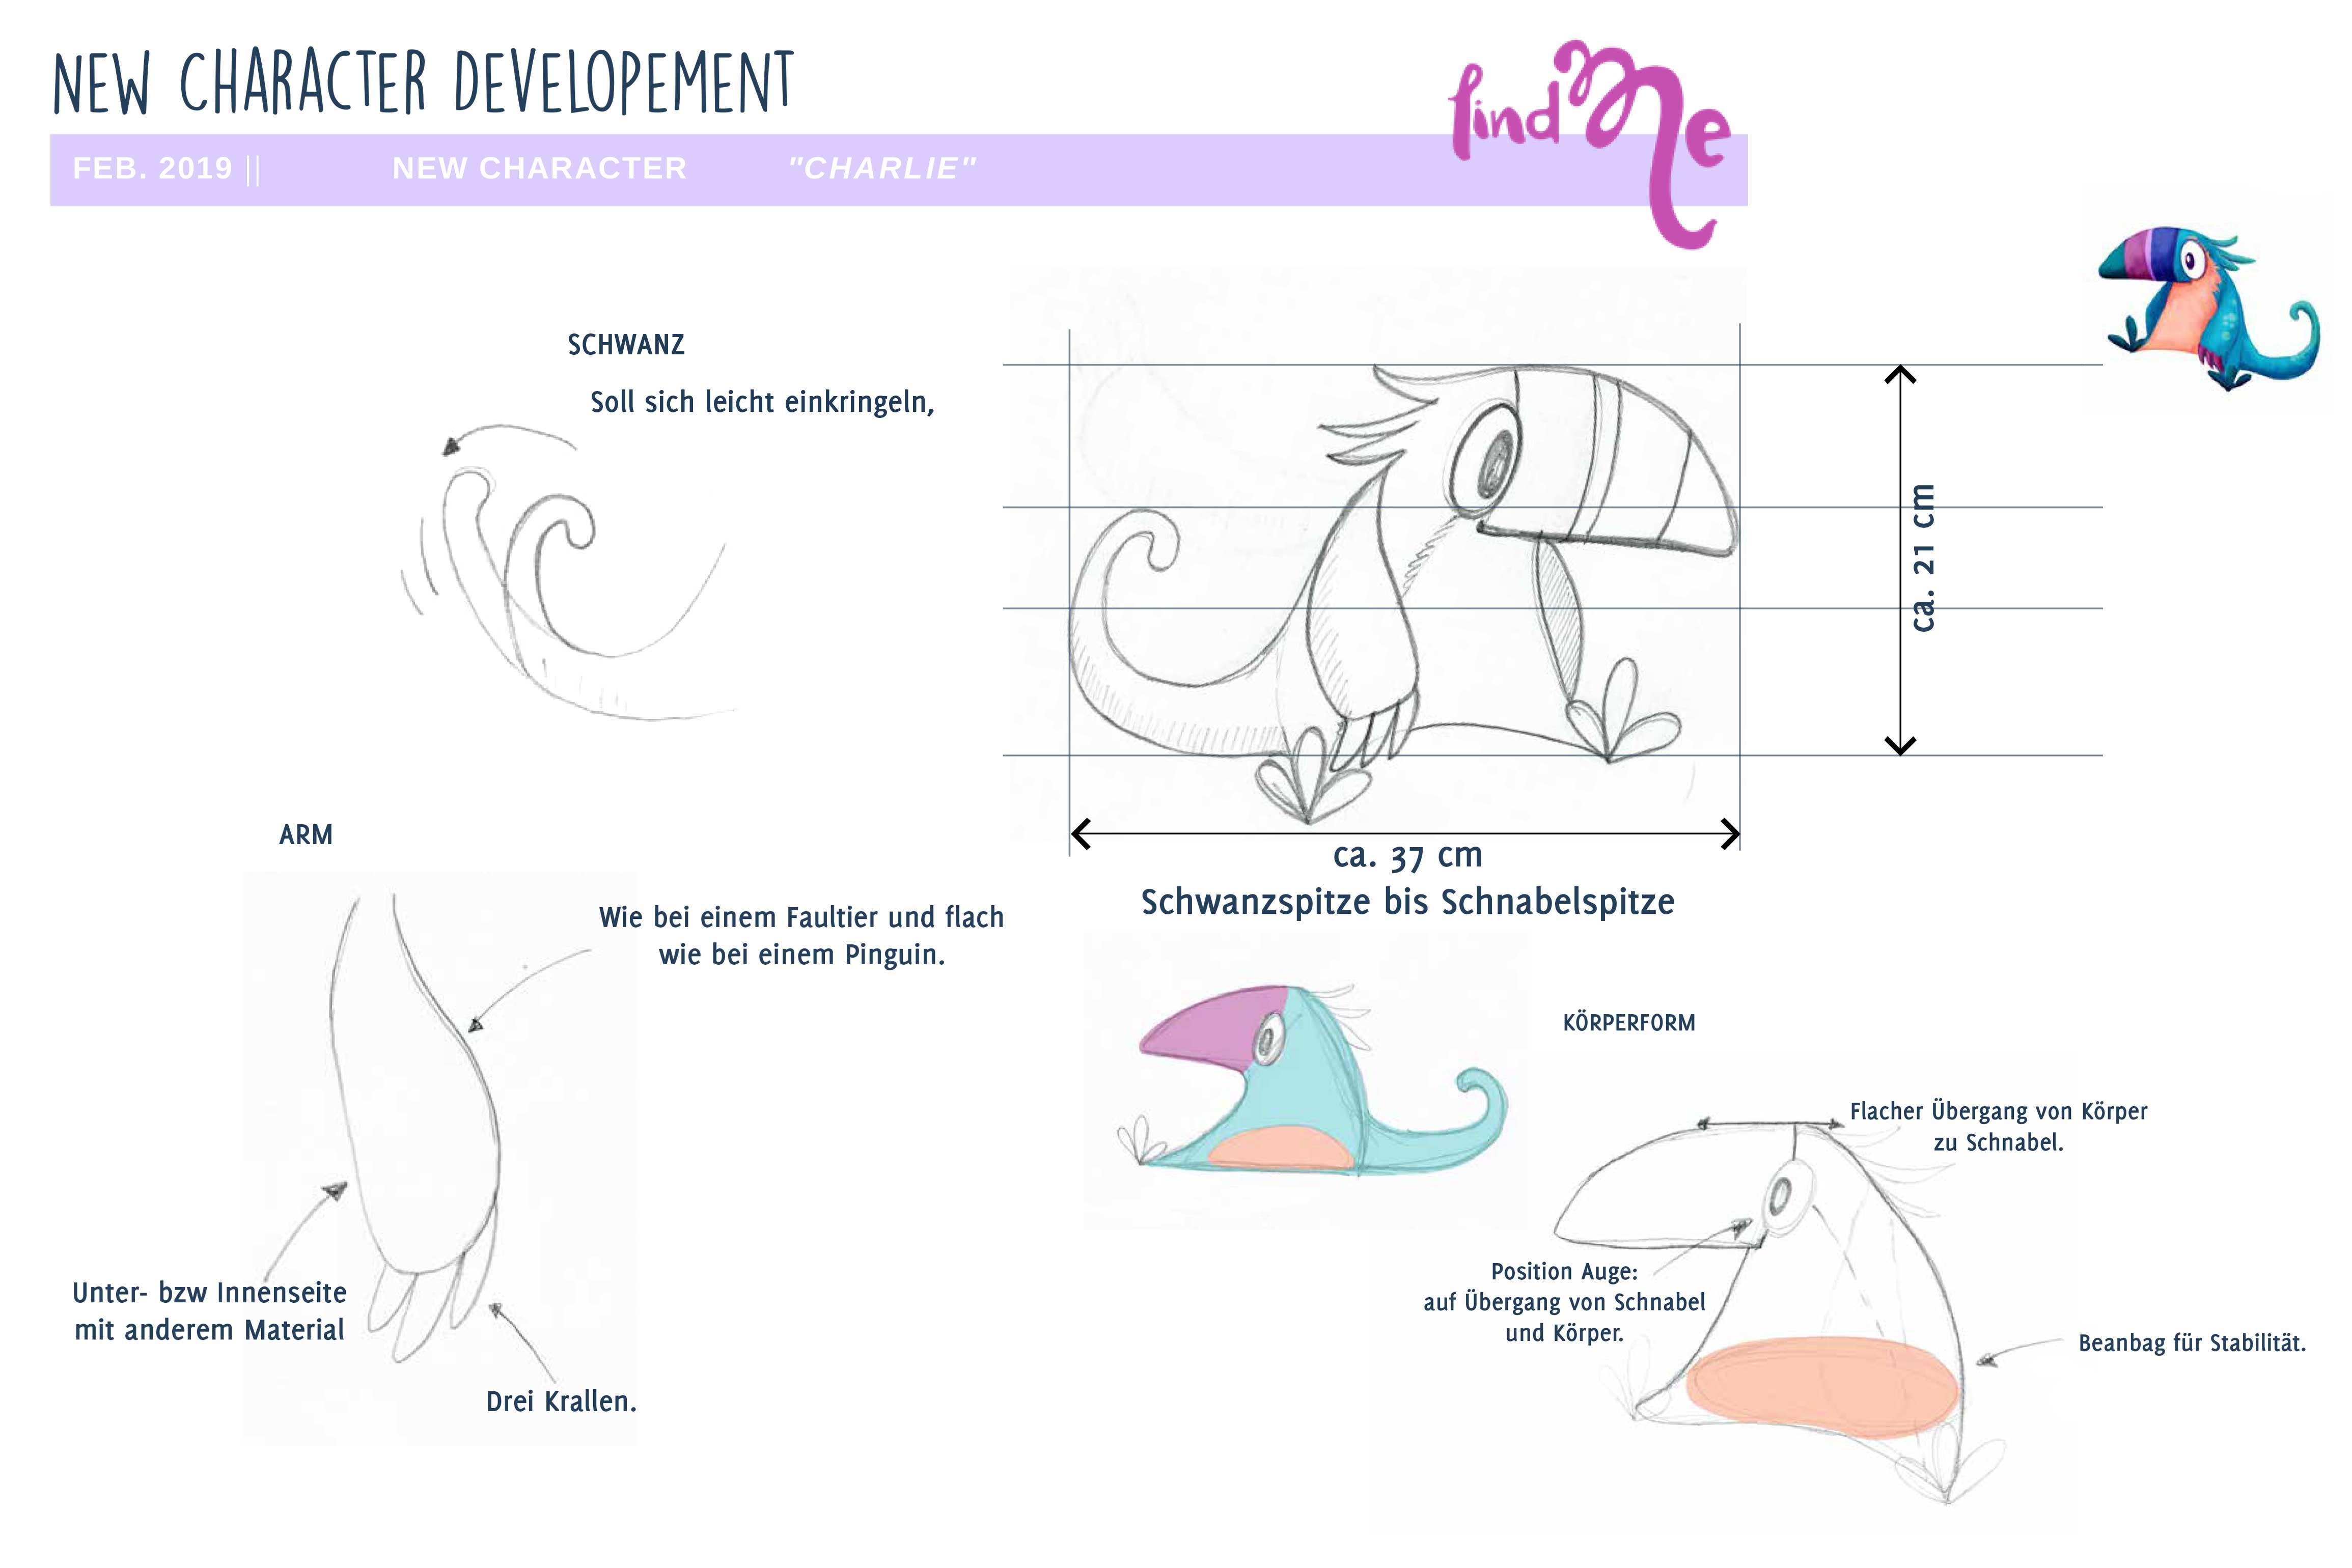 Artworks für Kuscheltier Charlie. Maße, Farben und Zeichnungen von Details.